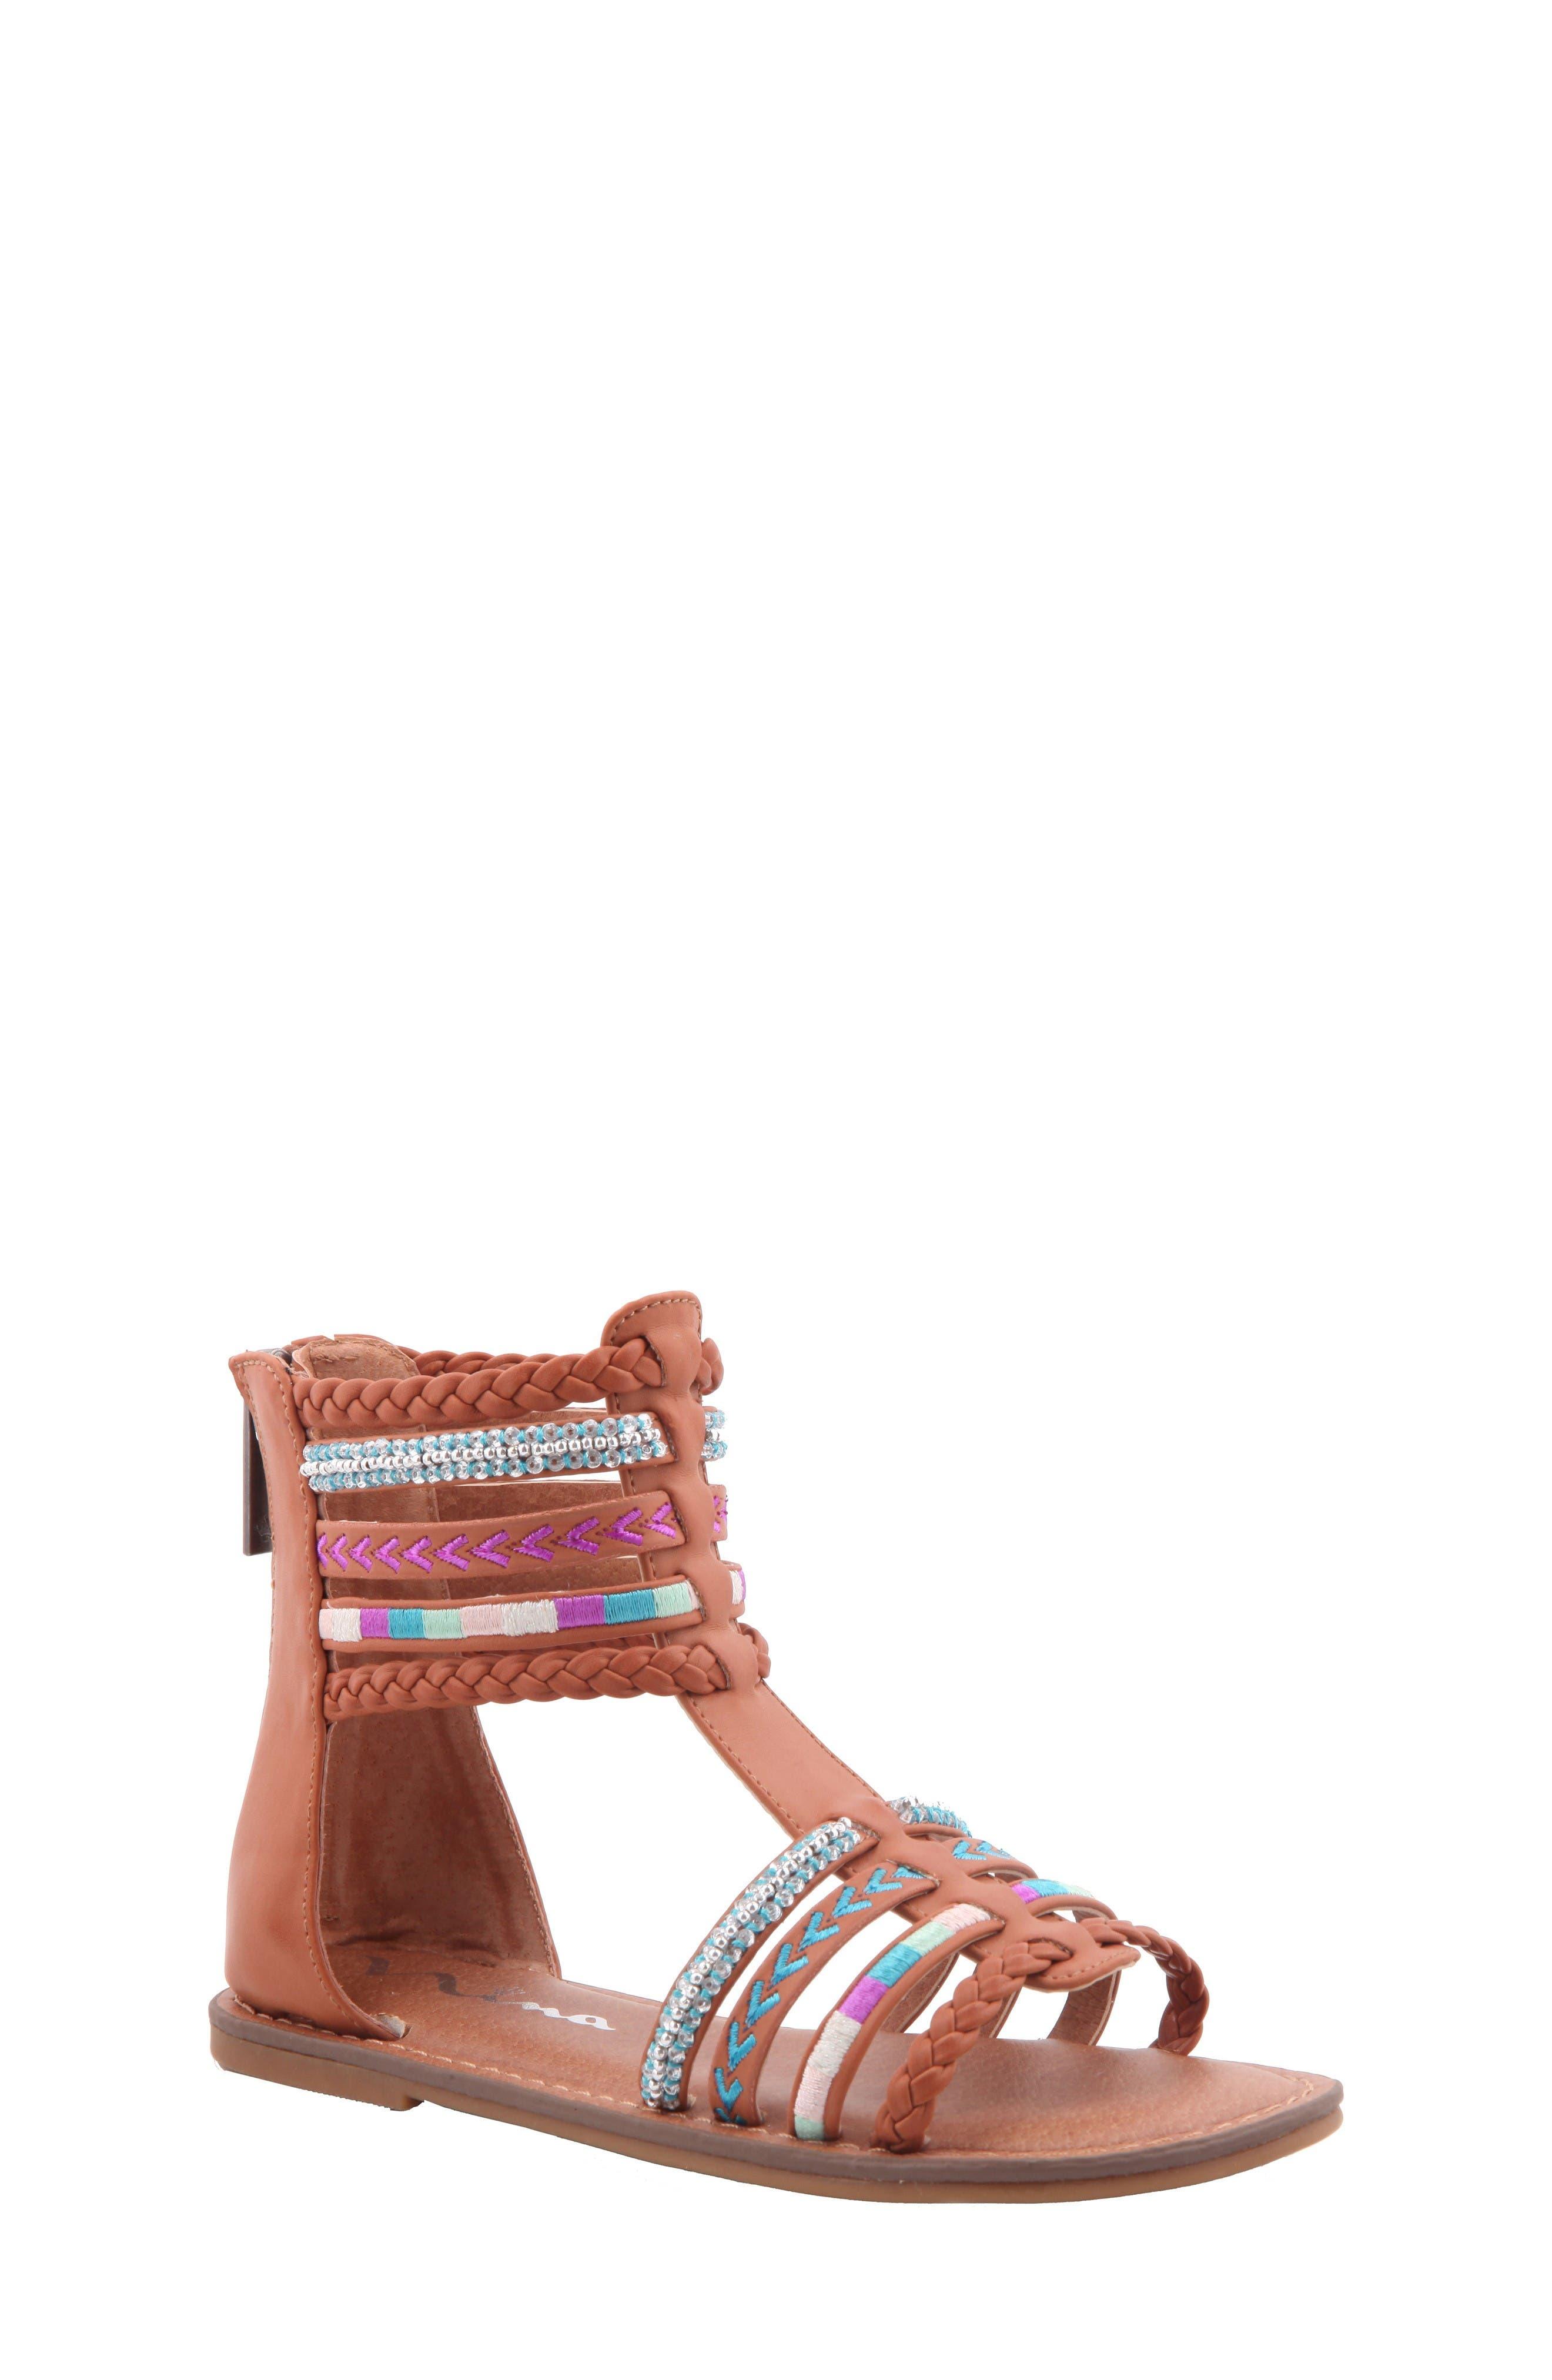 Nina Cayenne Embellished Gladiator Sandal (Toddler, Little Kid & Big Kid)